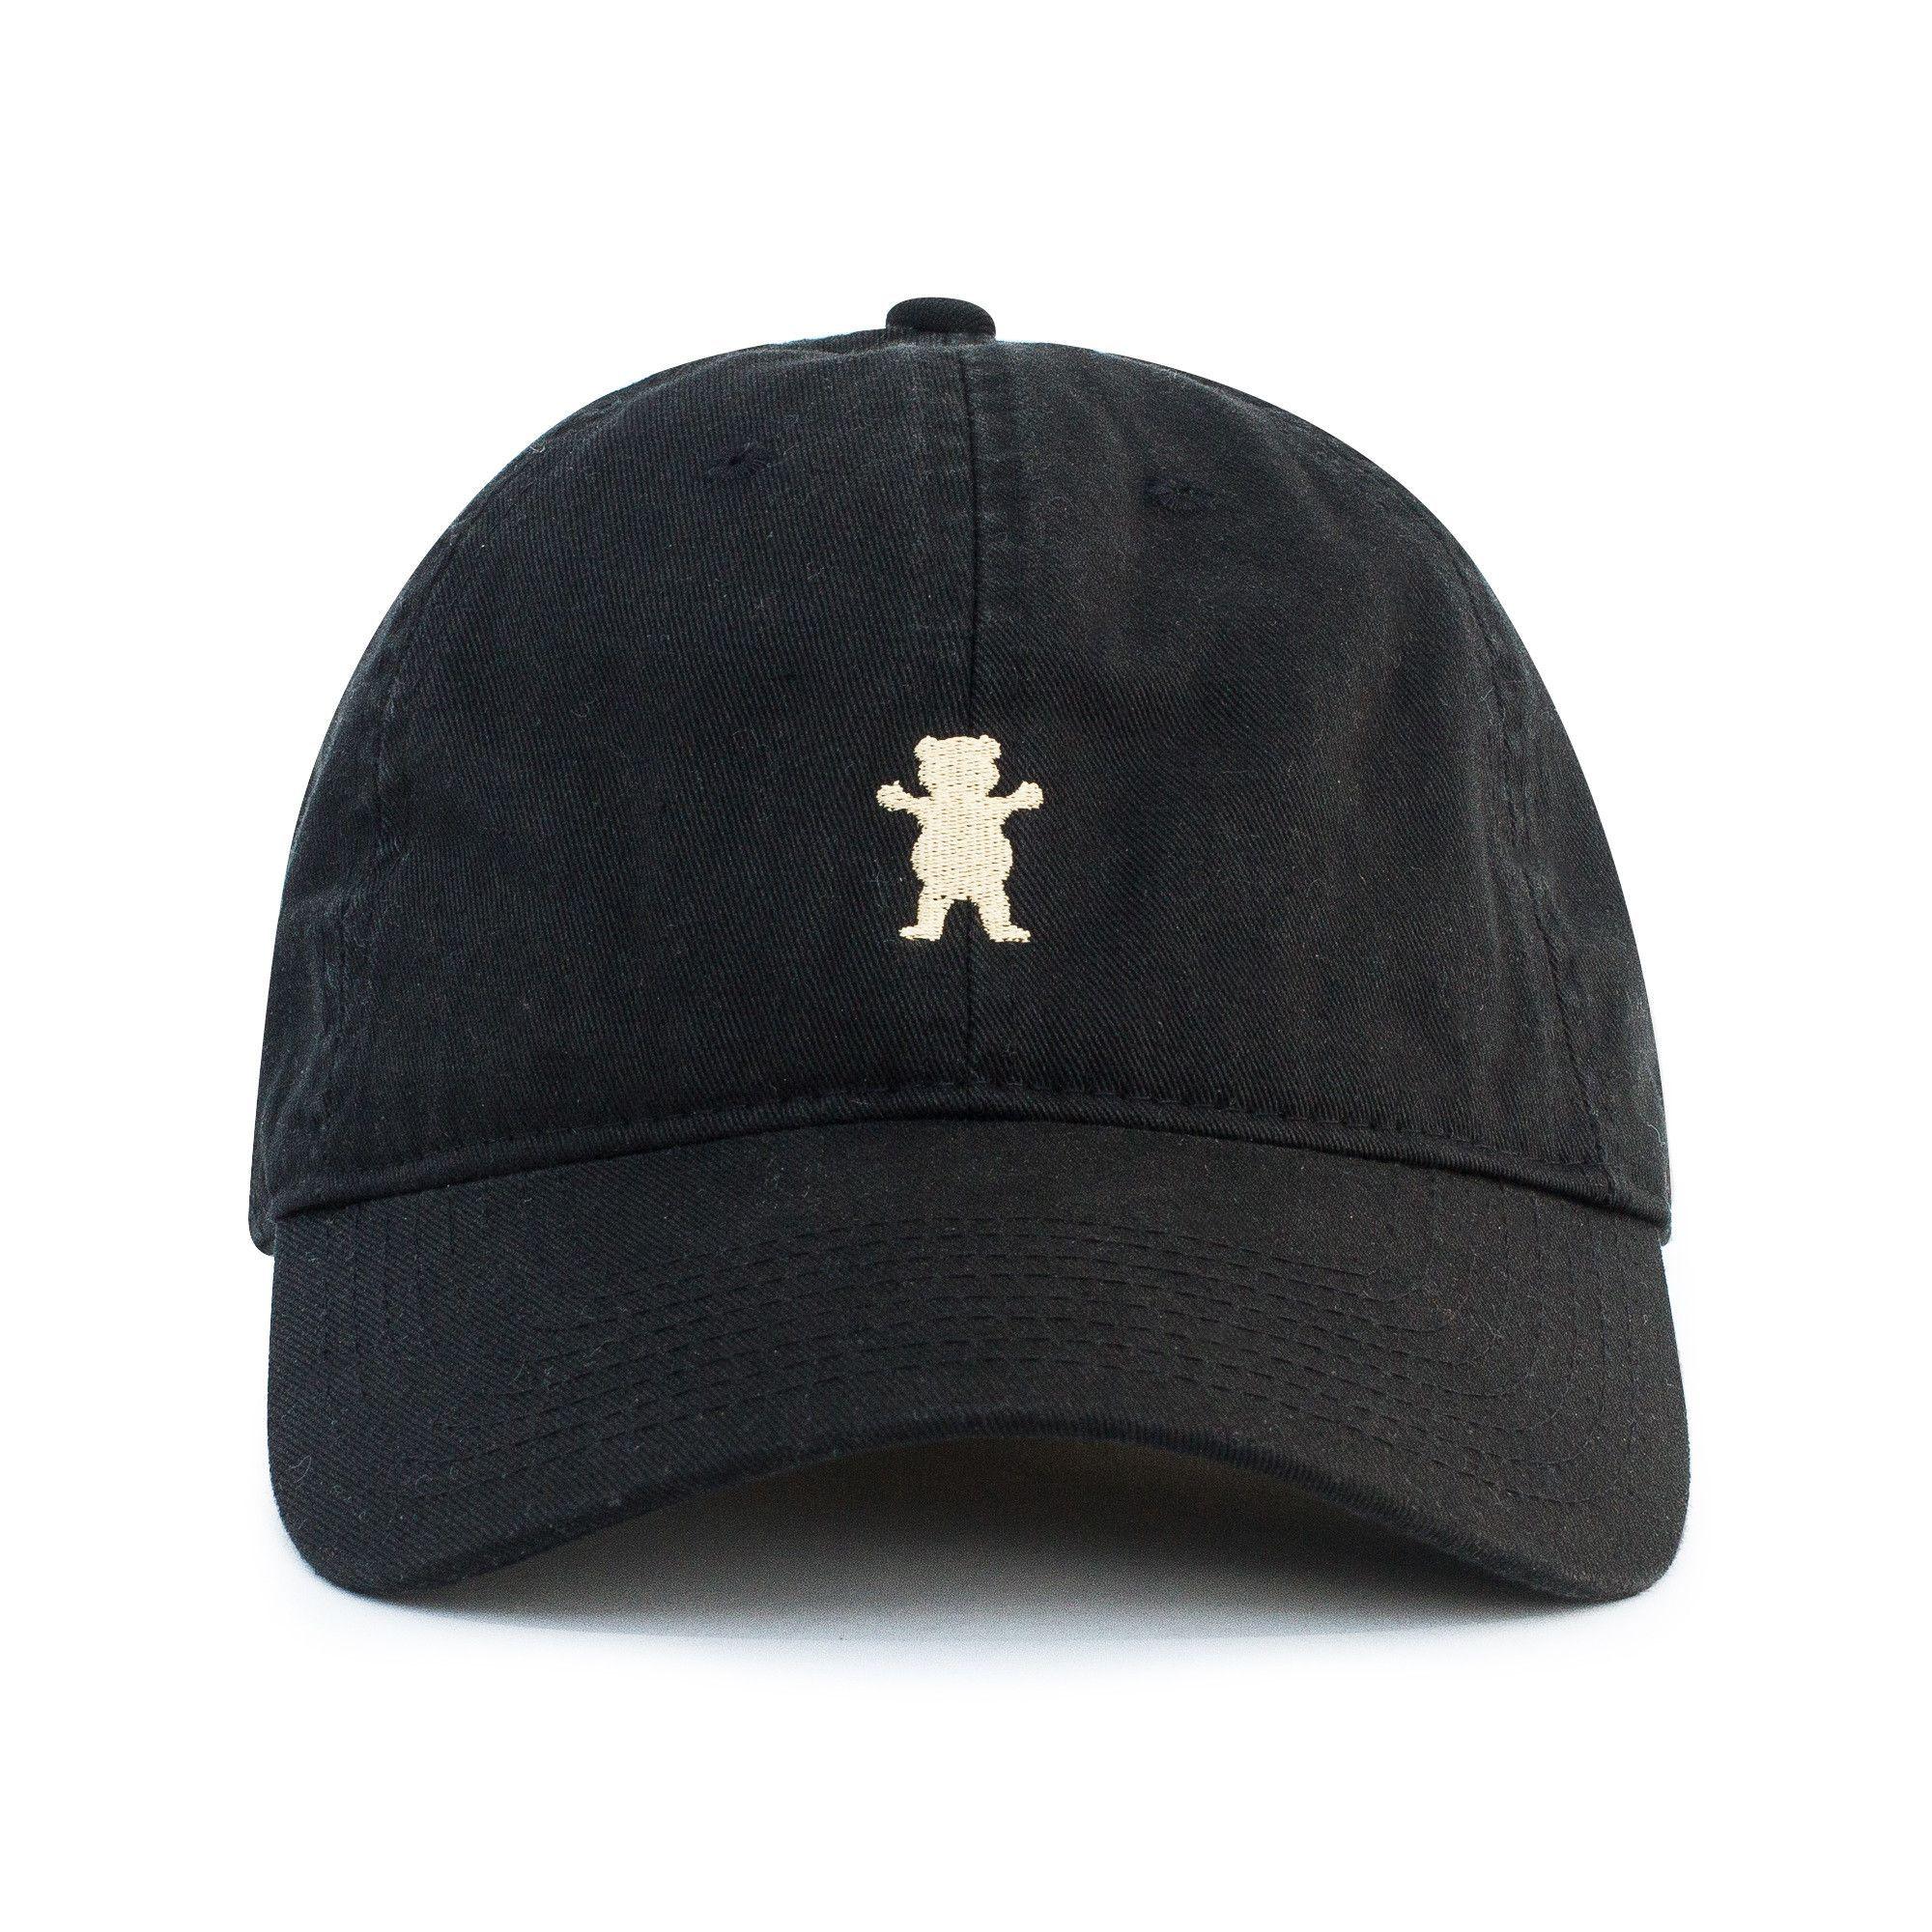 Grizzly OG Dad Bear Logo Hat Black   Gold  9efe5f38df40